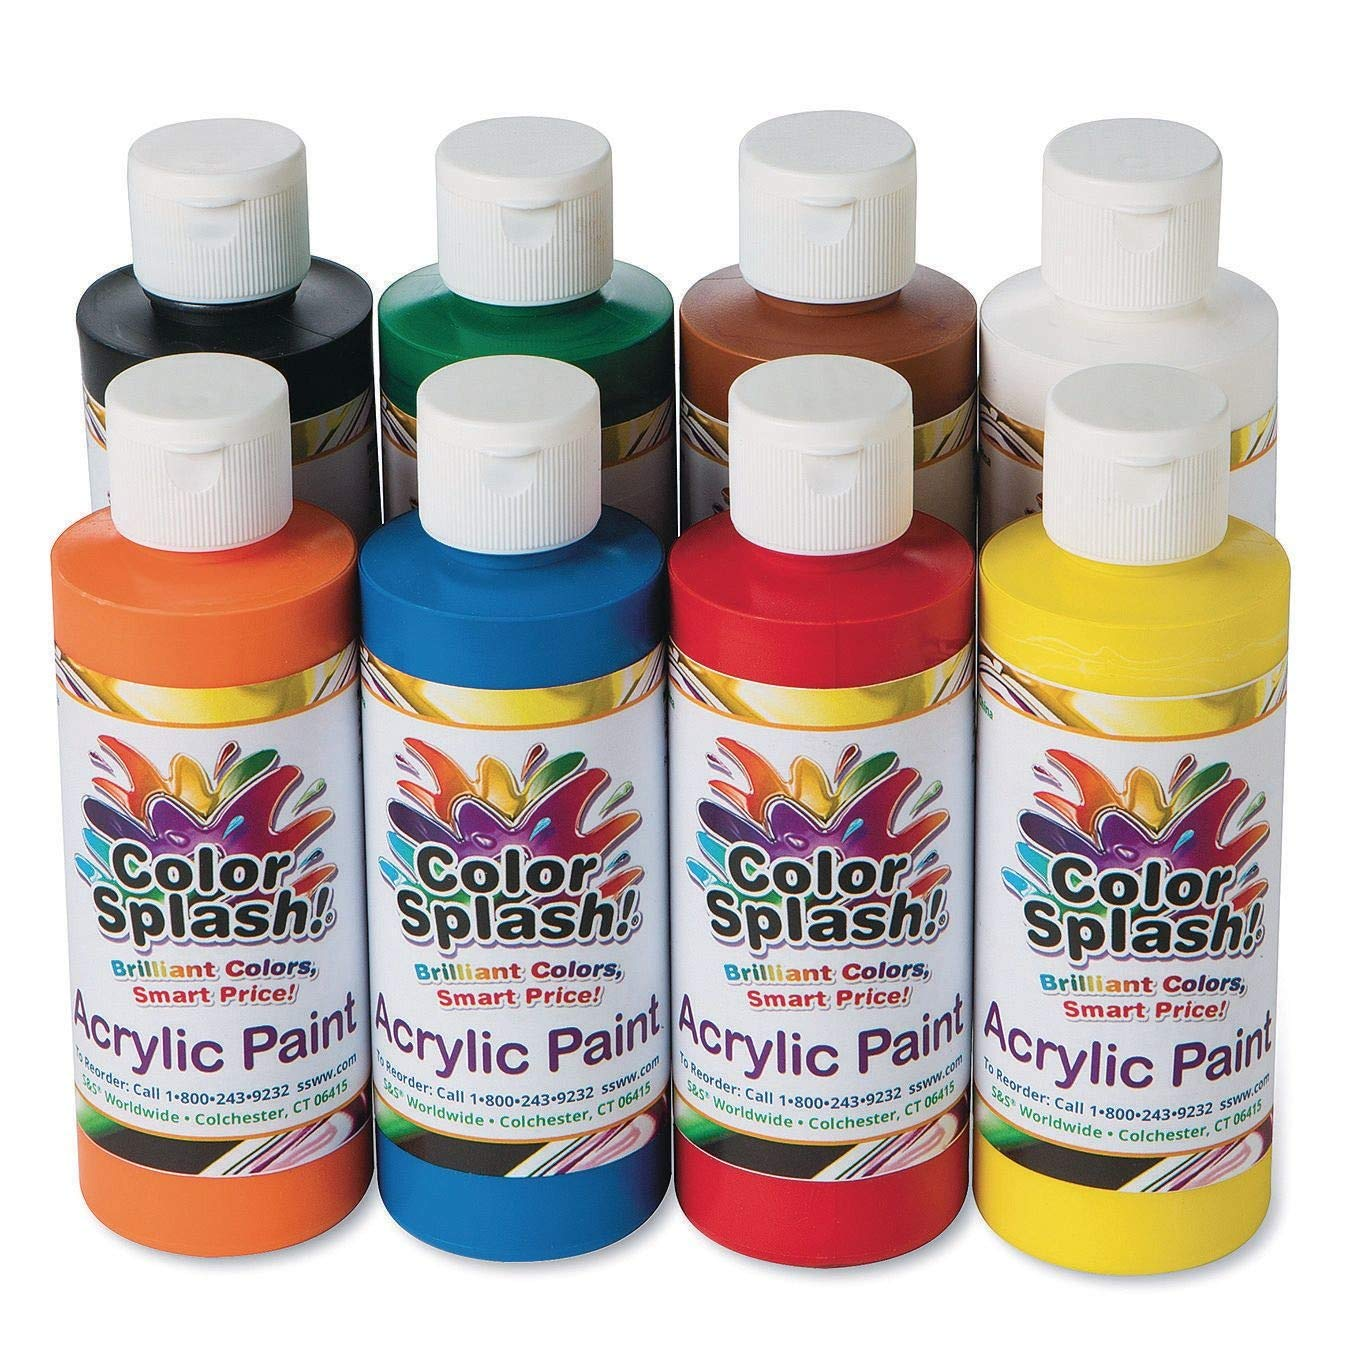 8-oz. Color Splash! Acrylic Paint Assortment (Set of 8)